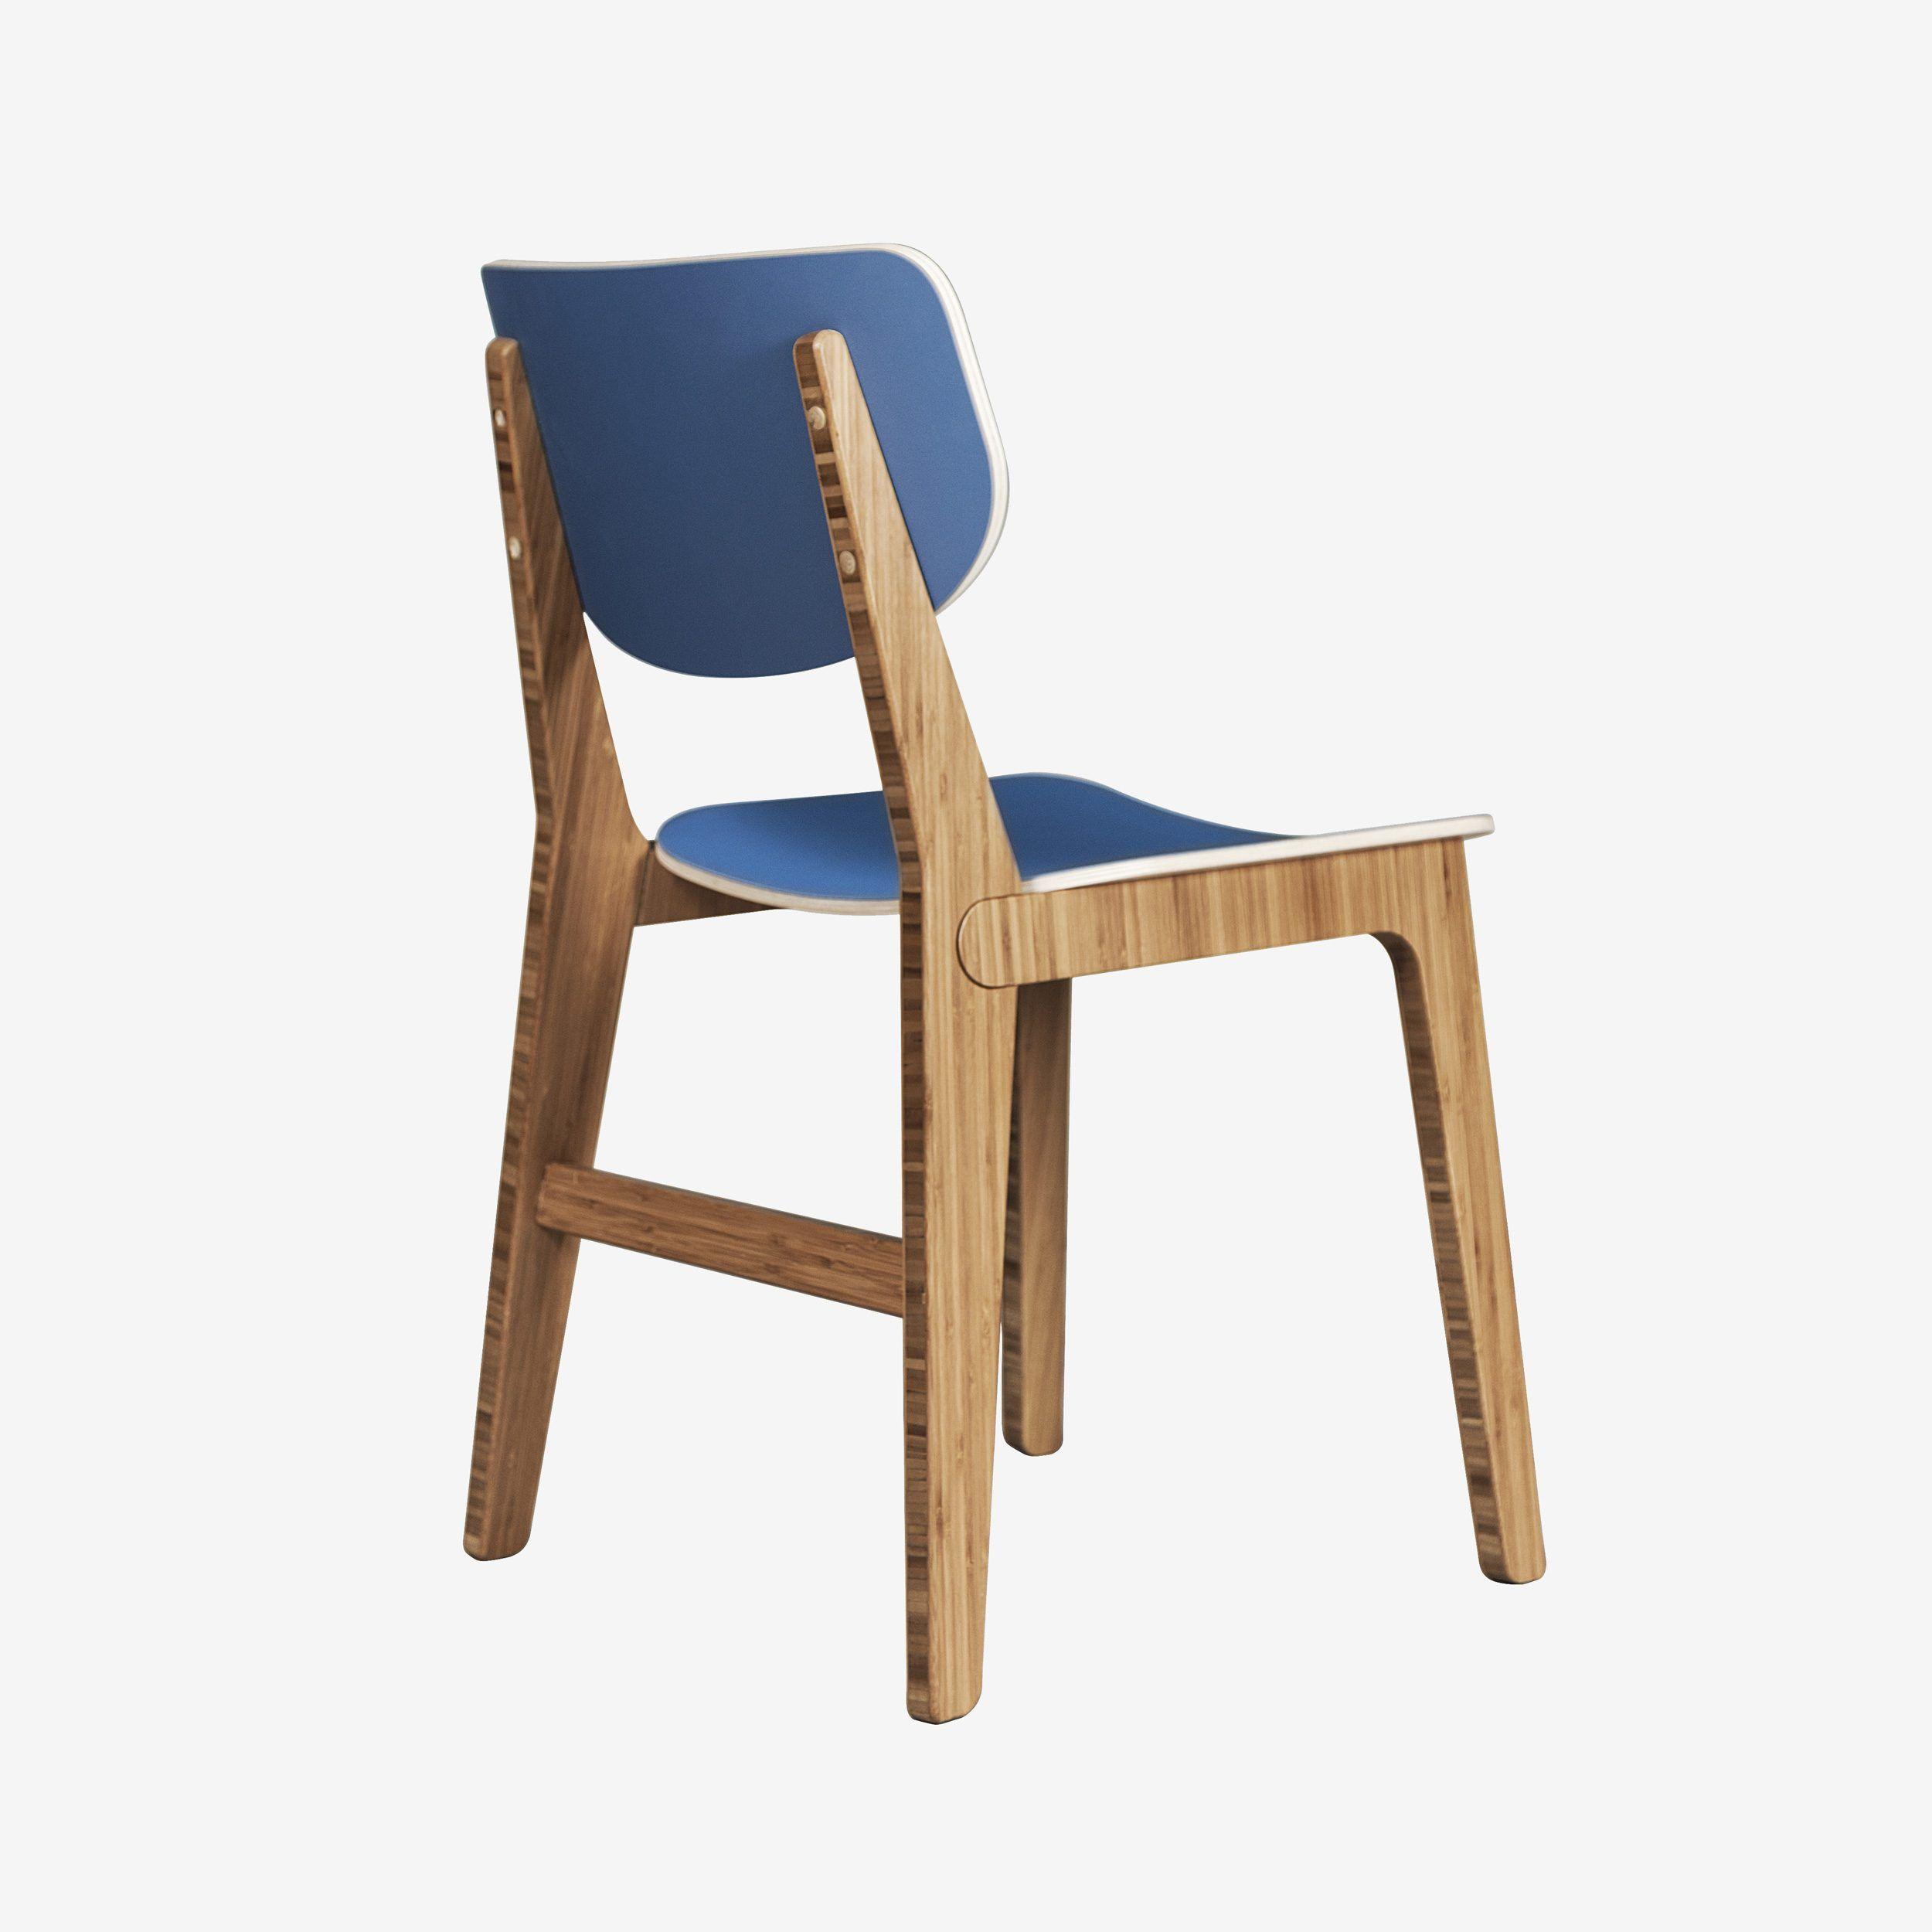 Neighbourhood Chair